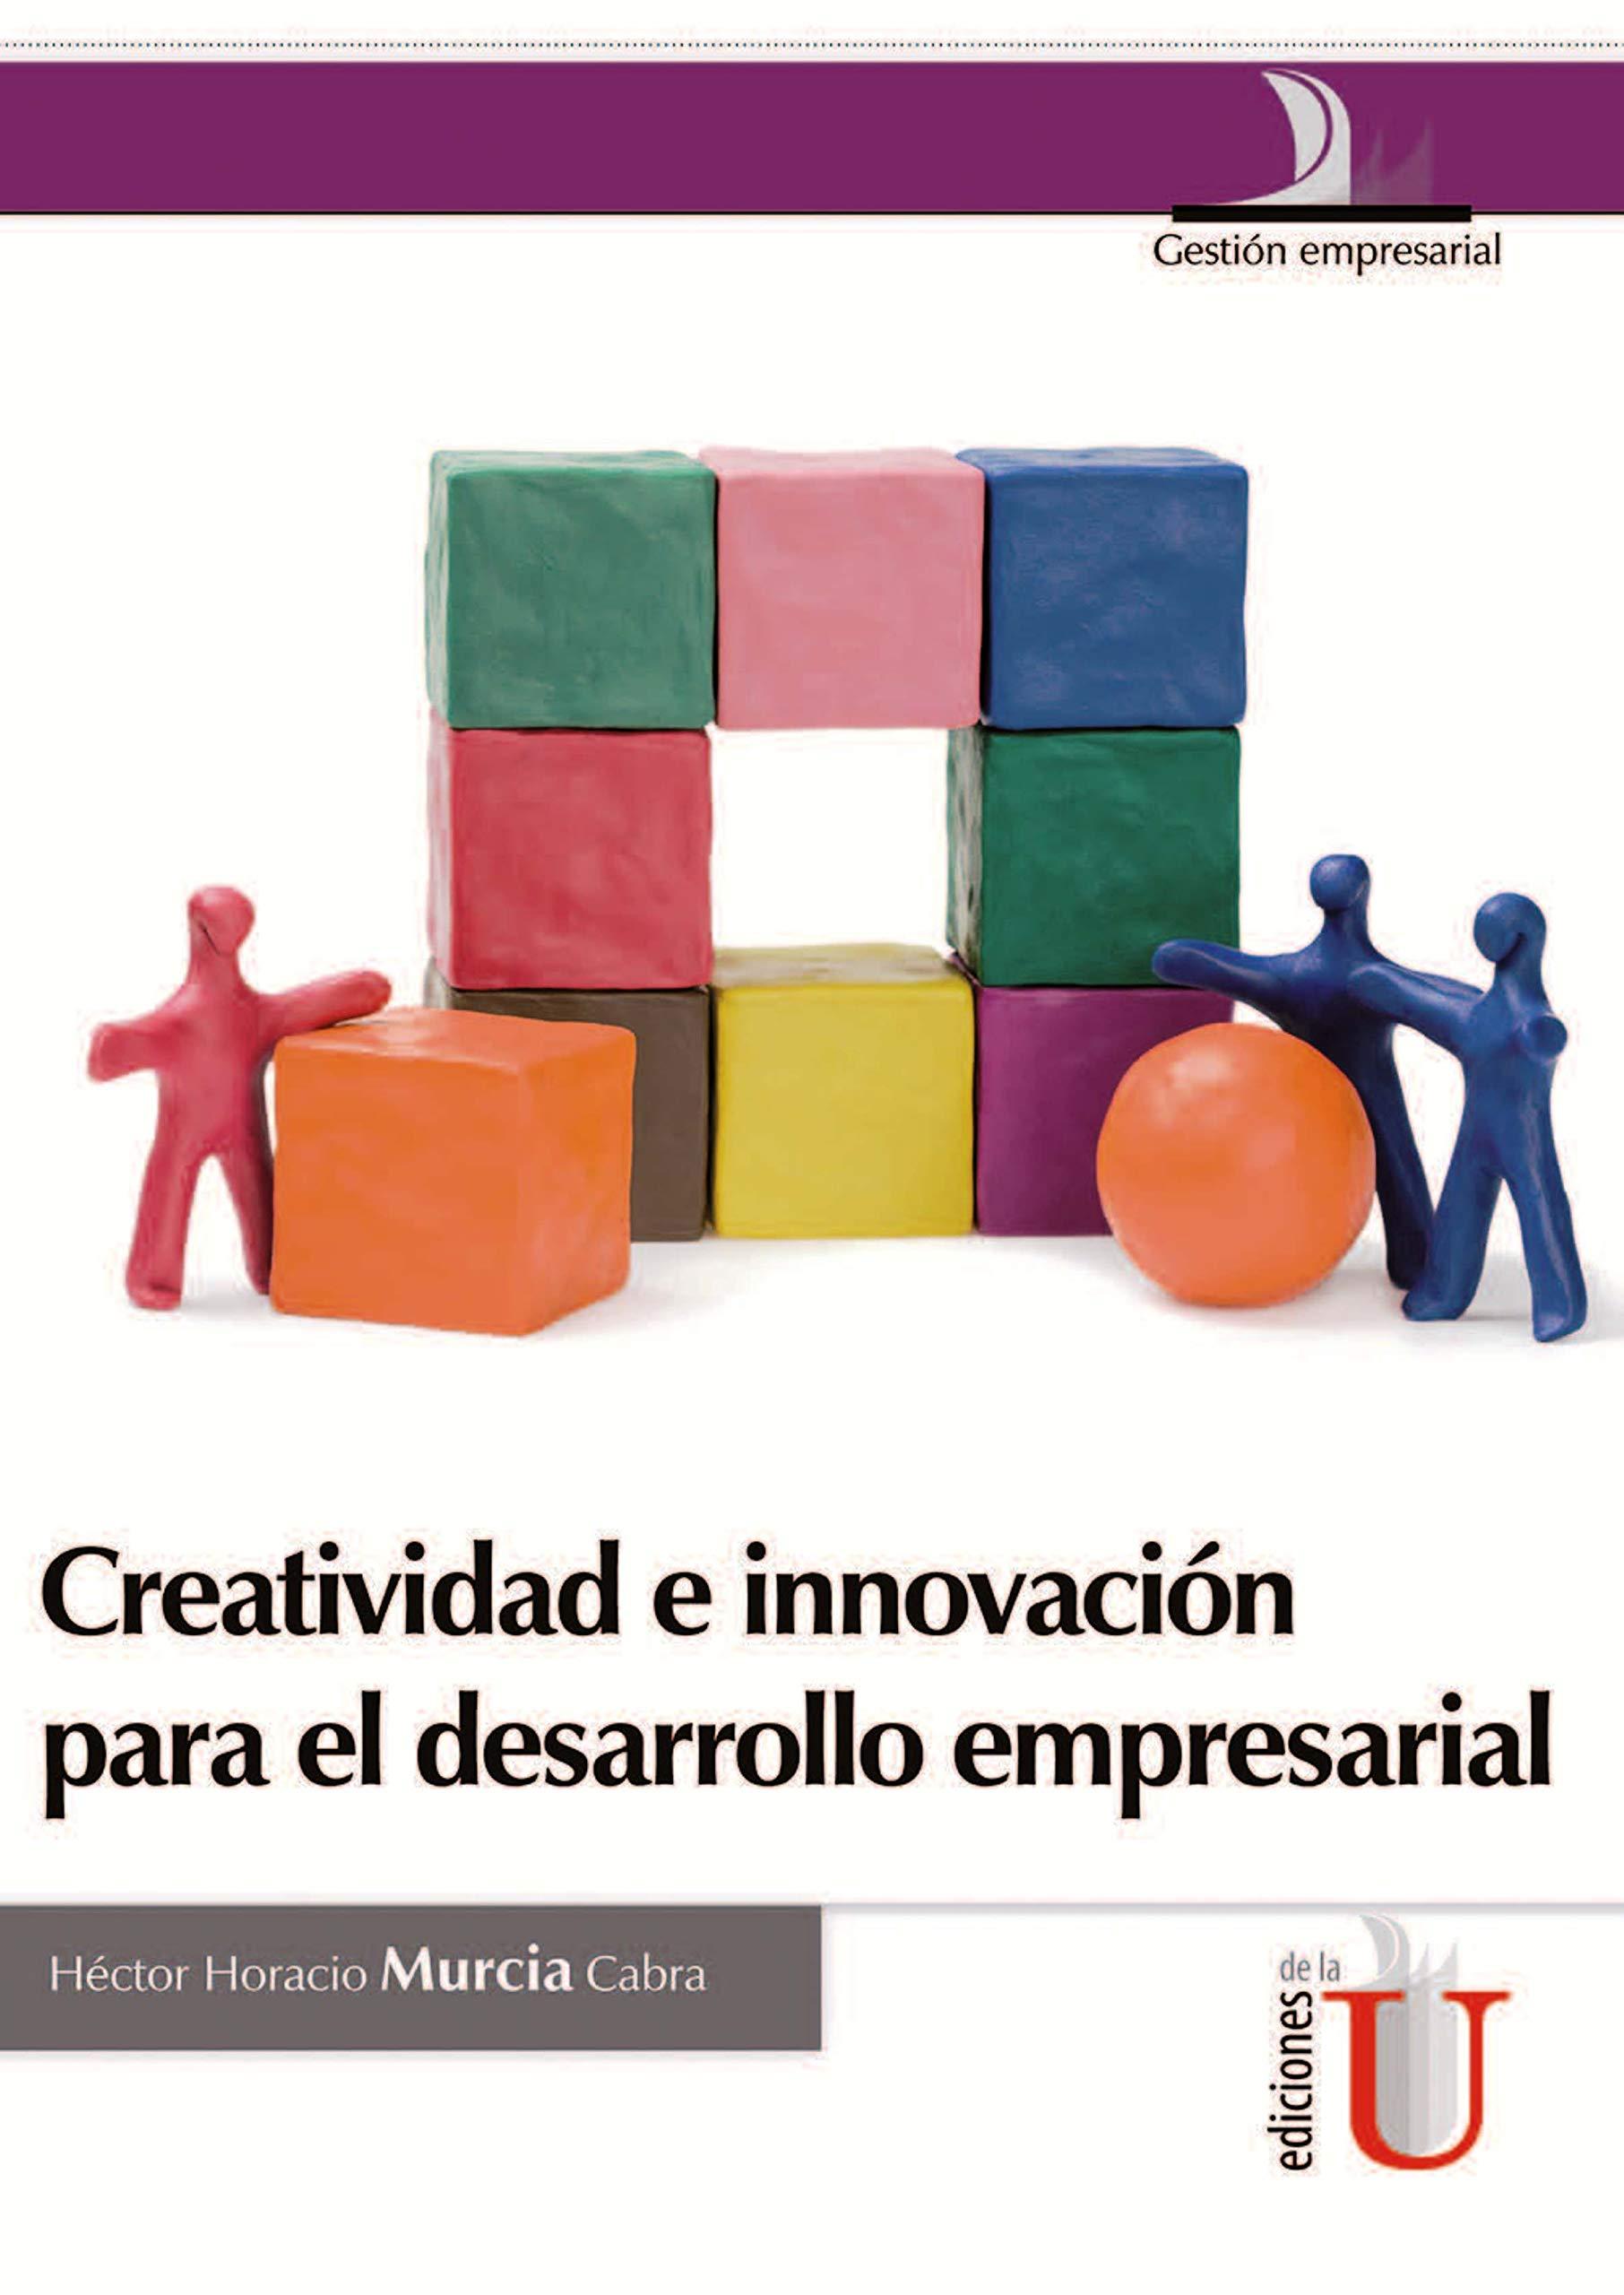 Creatividad e innovación para el desarrollo empresarial (Spanish Edition)